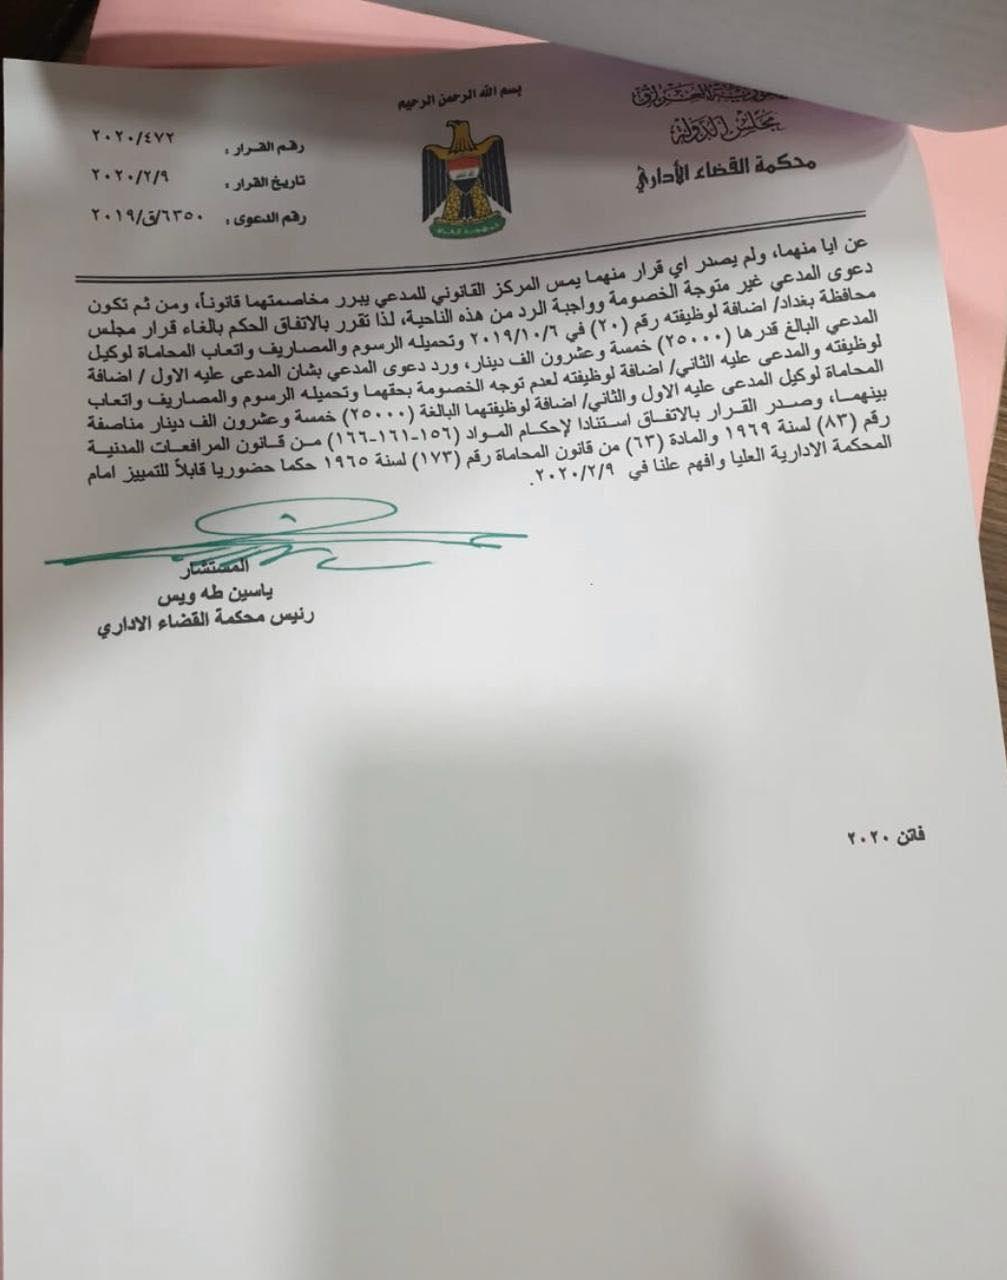 القضاء يلغي قرار مجلس محافظة بغداد حول استقالة فلاح الجزائري